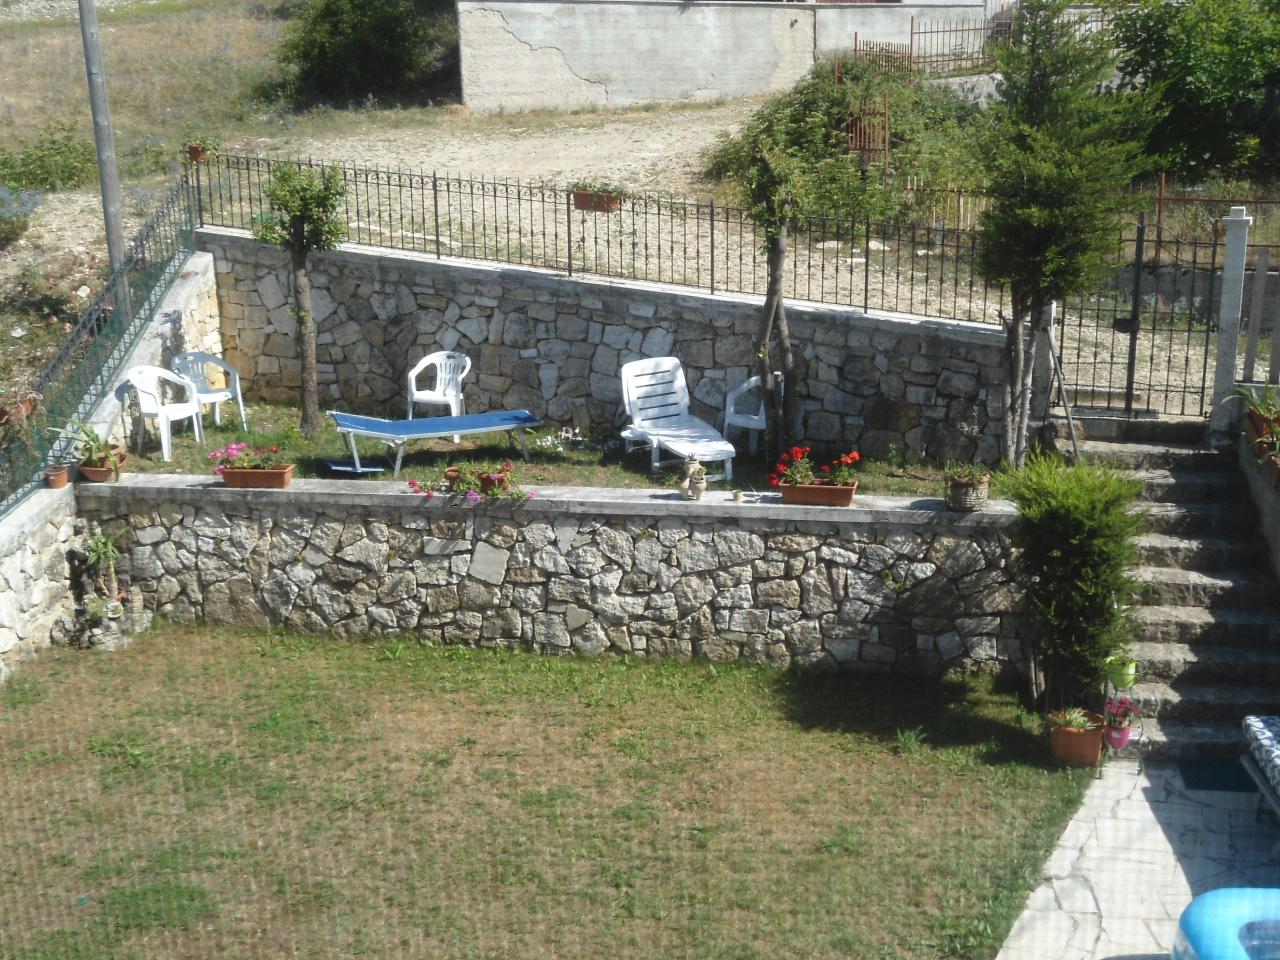 Villa Bifamiliare in vendita a Valle Castellana, 9999 locali, zona Località: SanGiacomo, prezzo € 90.000 | CambioCasa.it